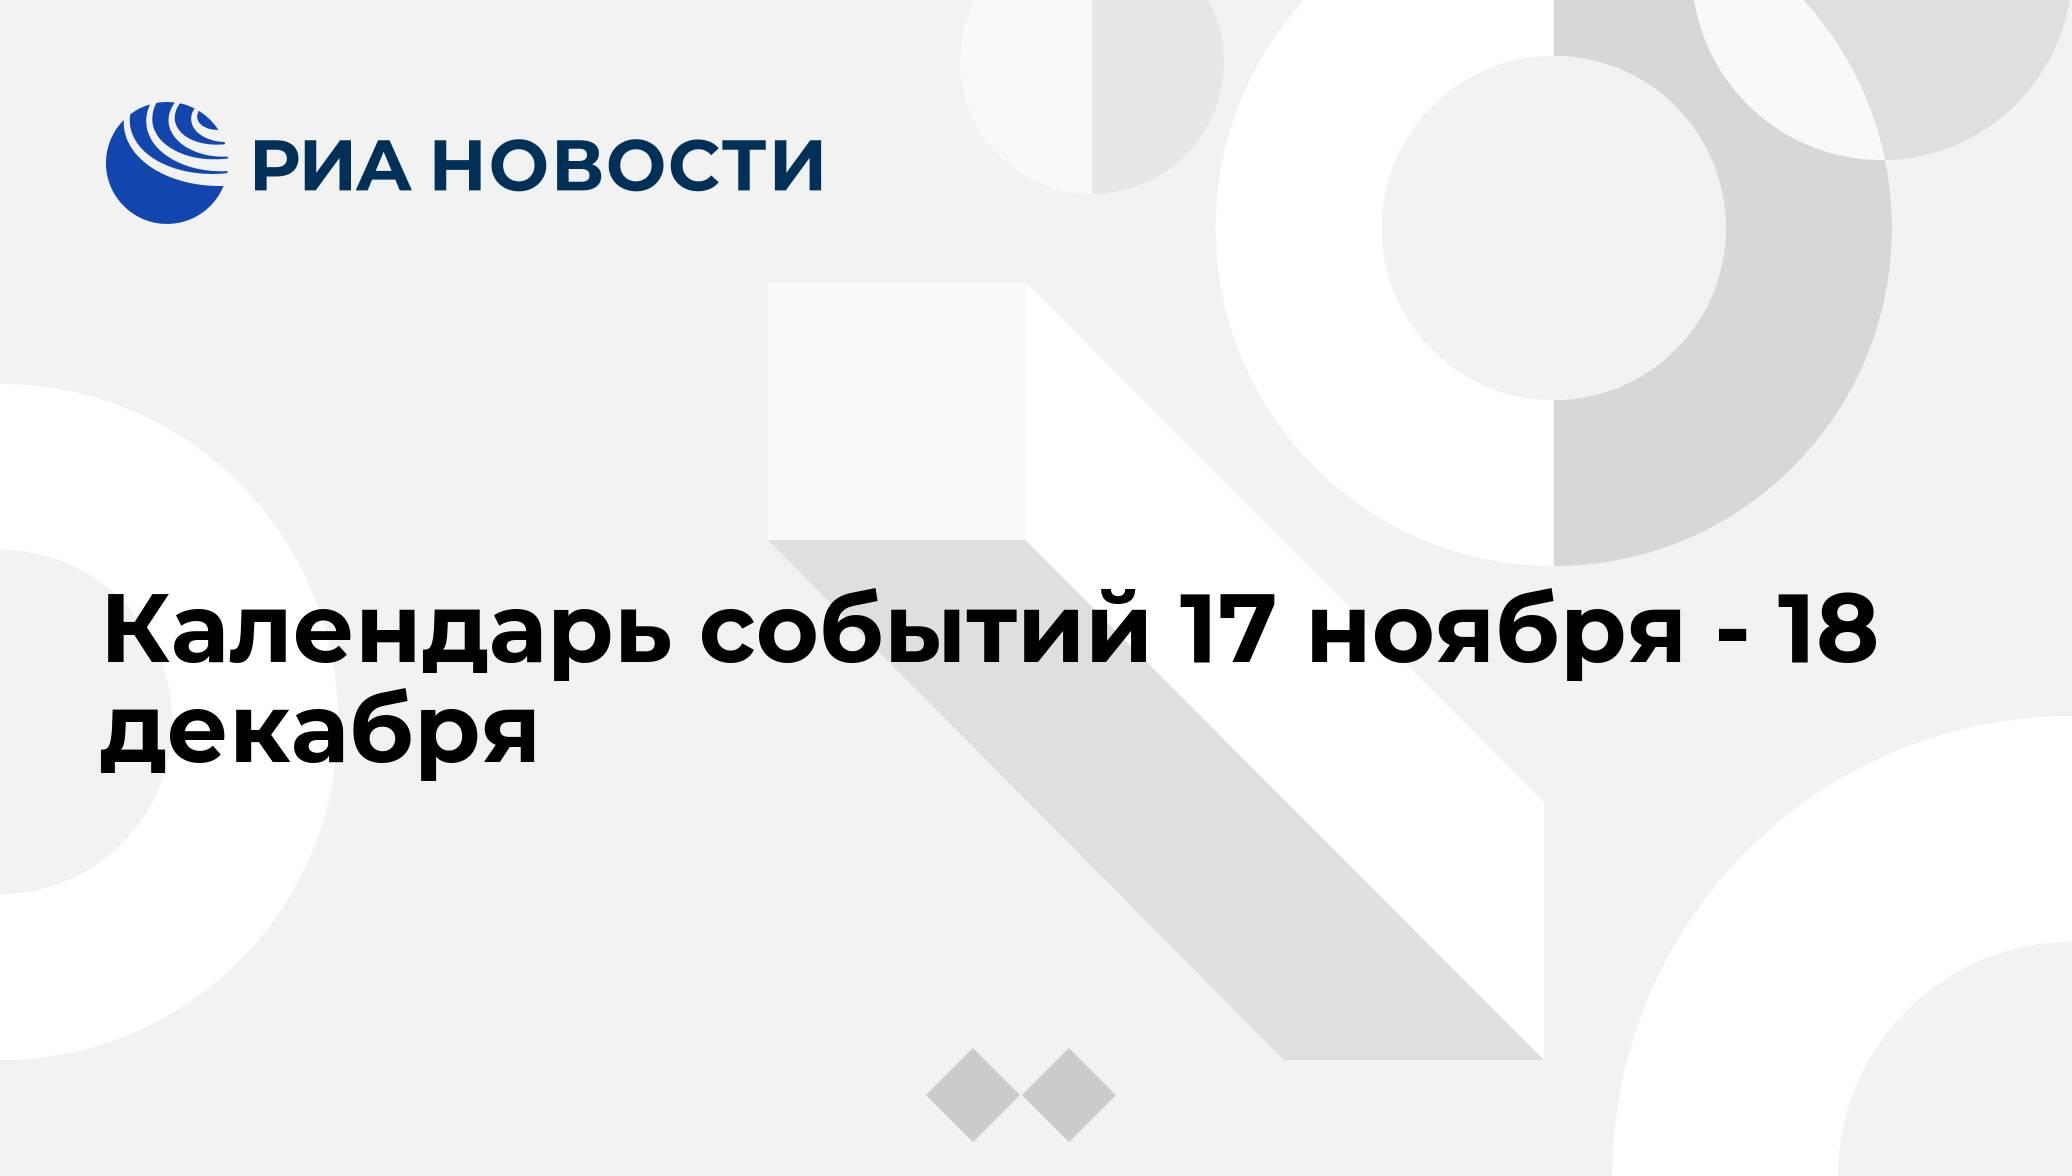 4eabf446080c6 Календарь событий 17 ноября - 18 декабря - РИА Новости, 15.11.2011